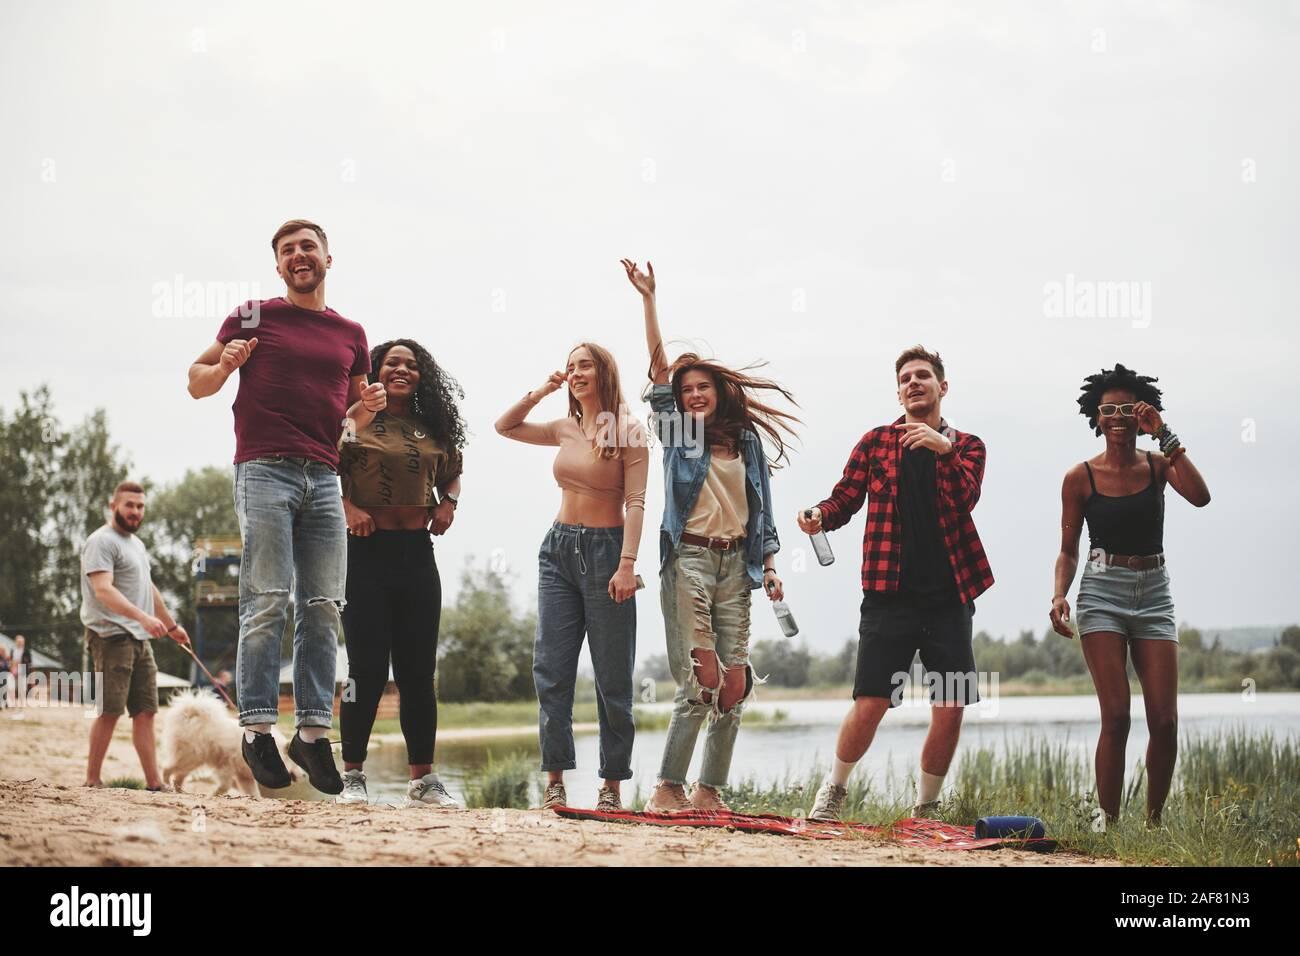 Hombre con perro blanco está caminando detrás. Grupo de personas tienen un picnic en la playa. Amigos divertirse en horario de fin de semana Foto de stock